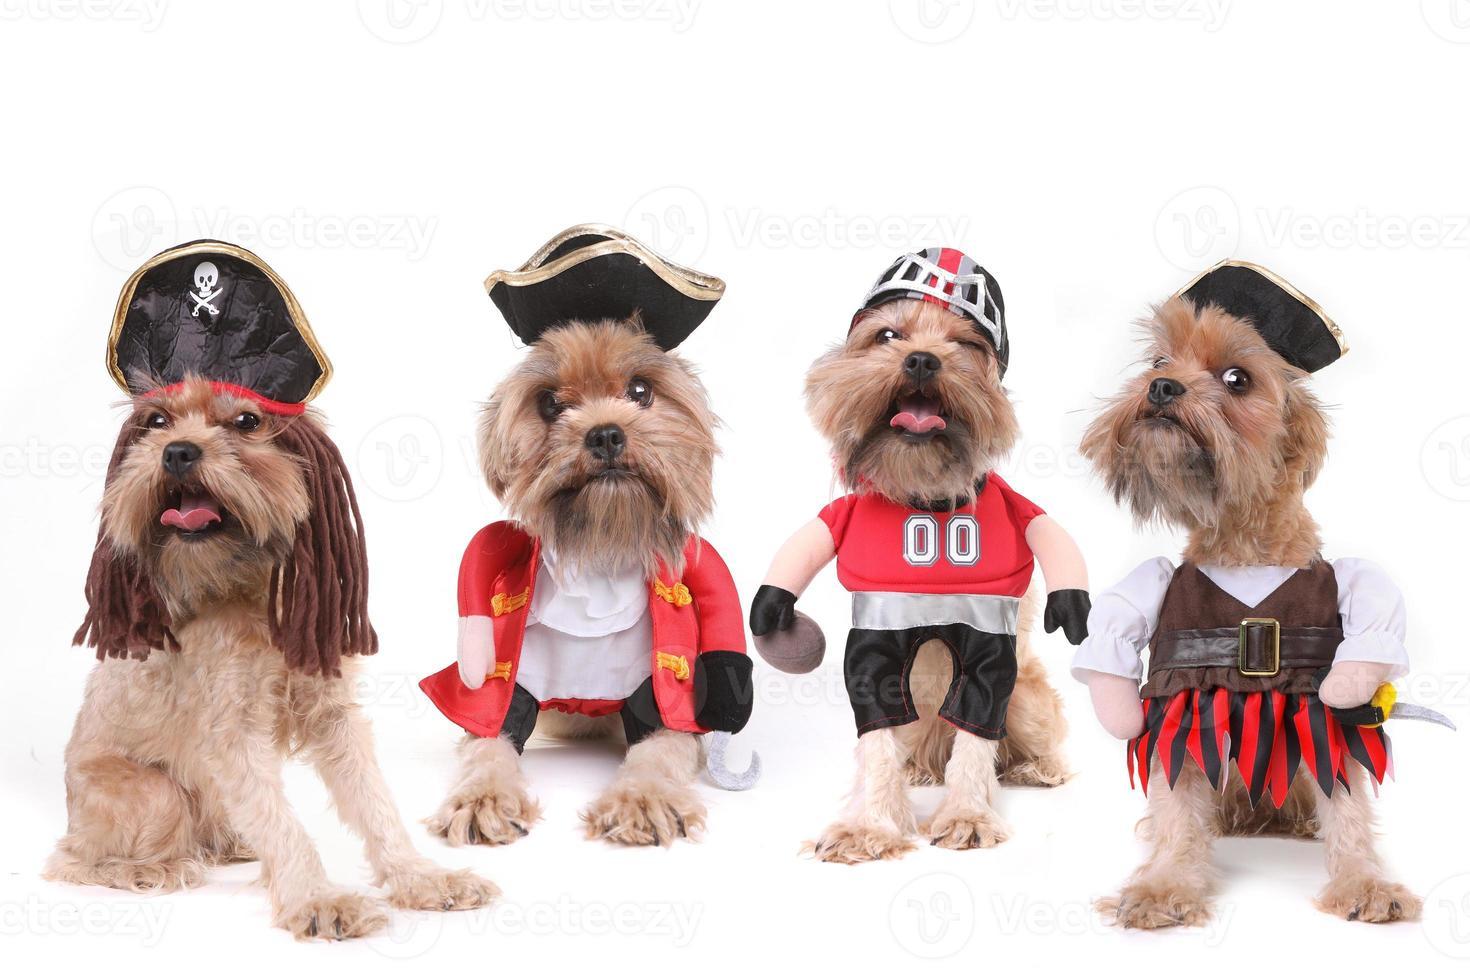 lustige mehrere Hunde in Piraten- und Fußballkostümen foto